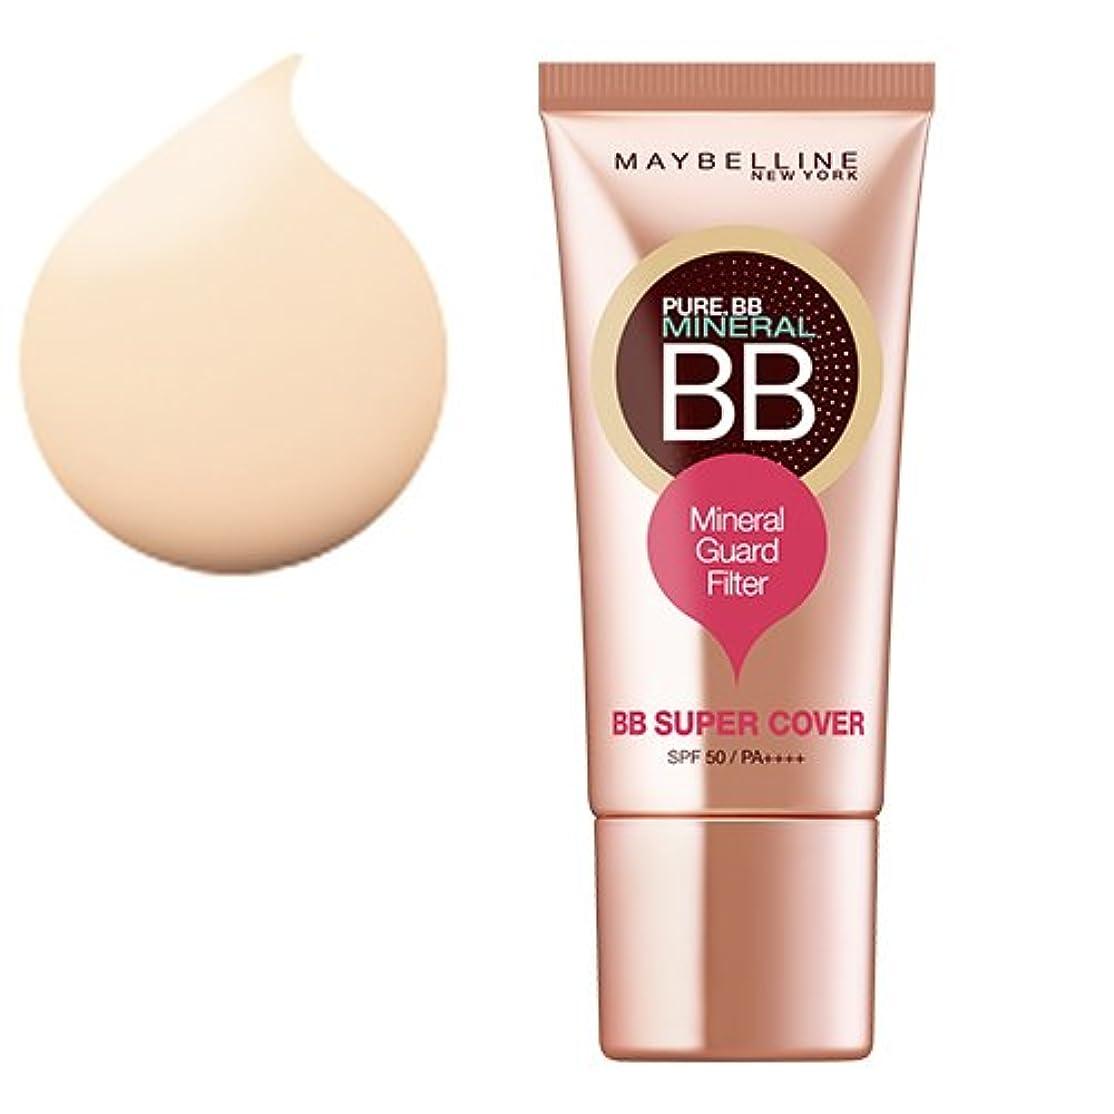 オーナメント遺産桃メイベリン BBクリーム ピュアミネラル BB SP カバー 01 ナチュラル ベージュ